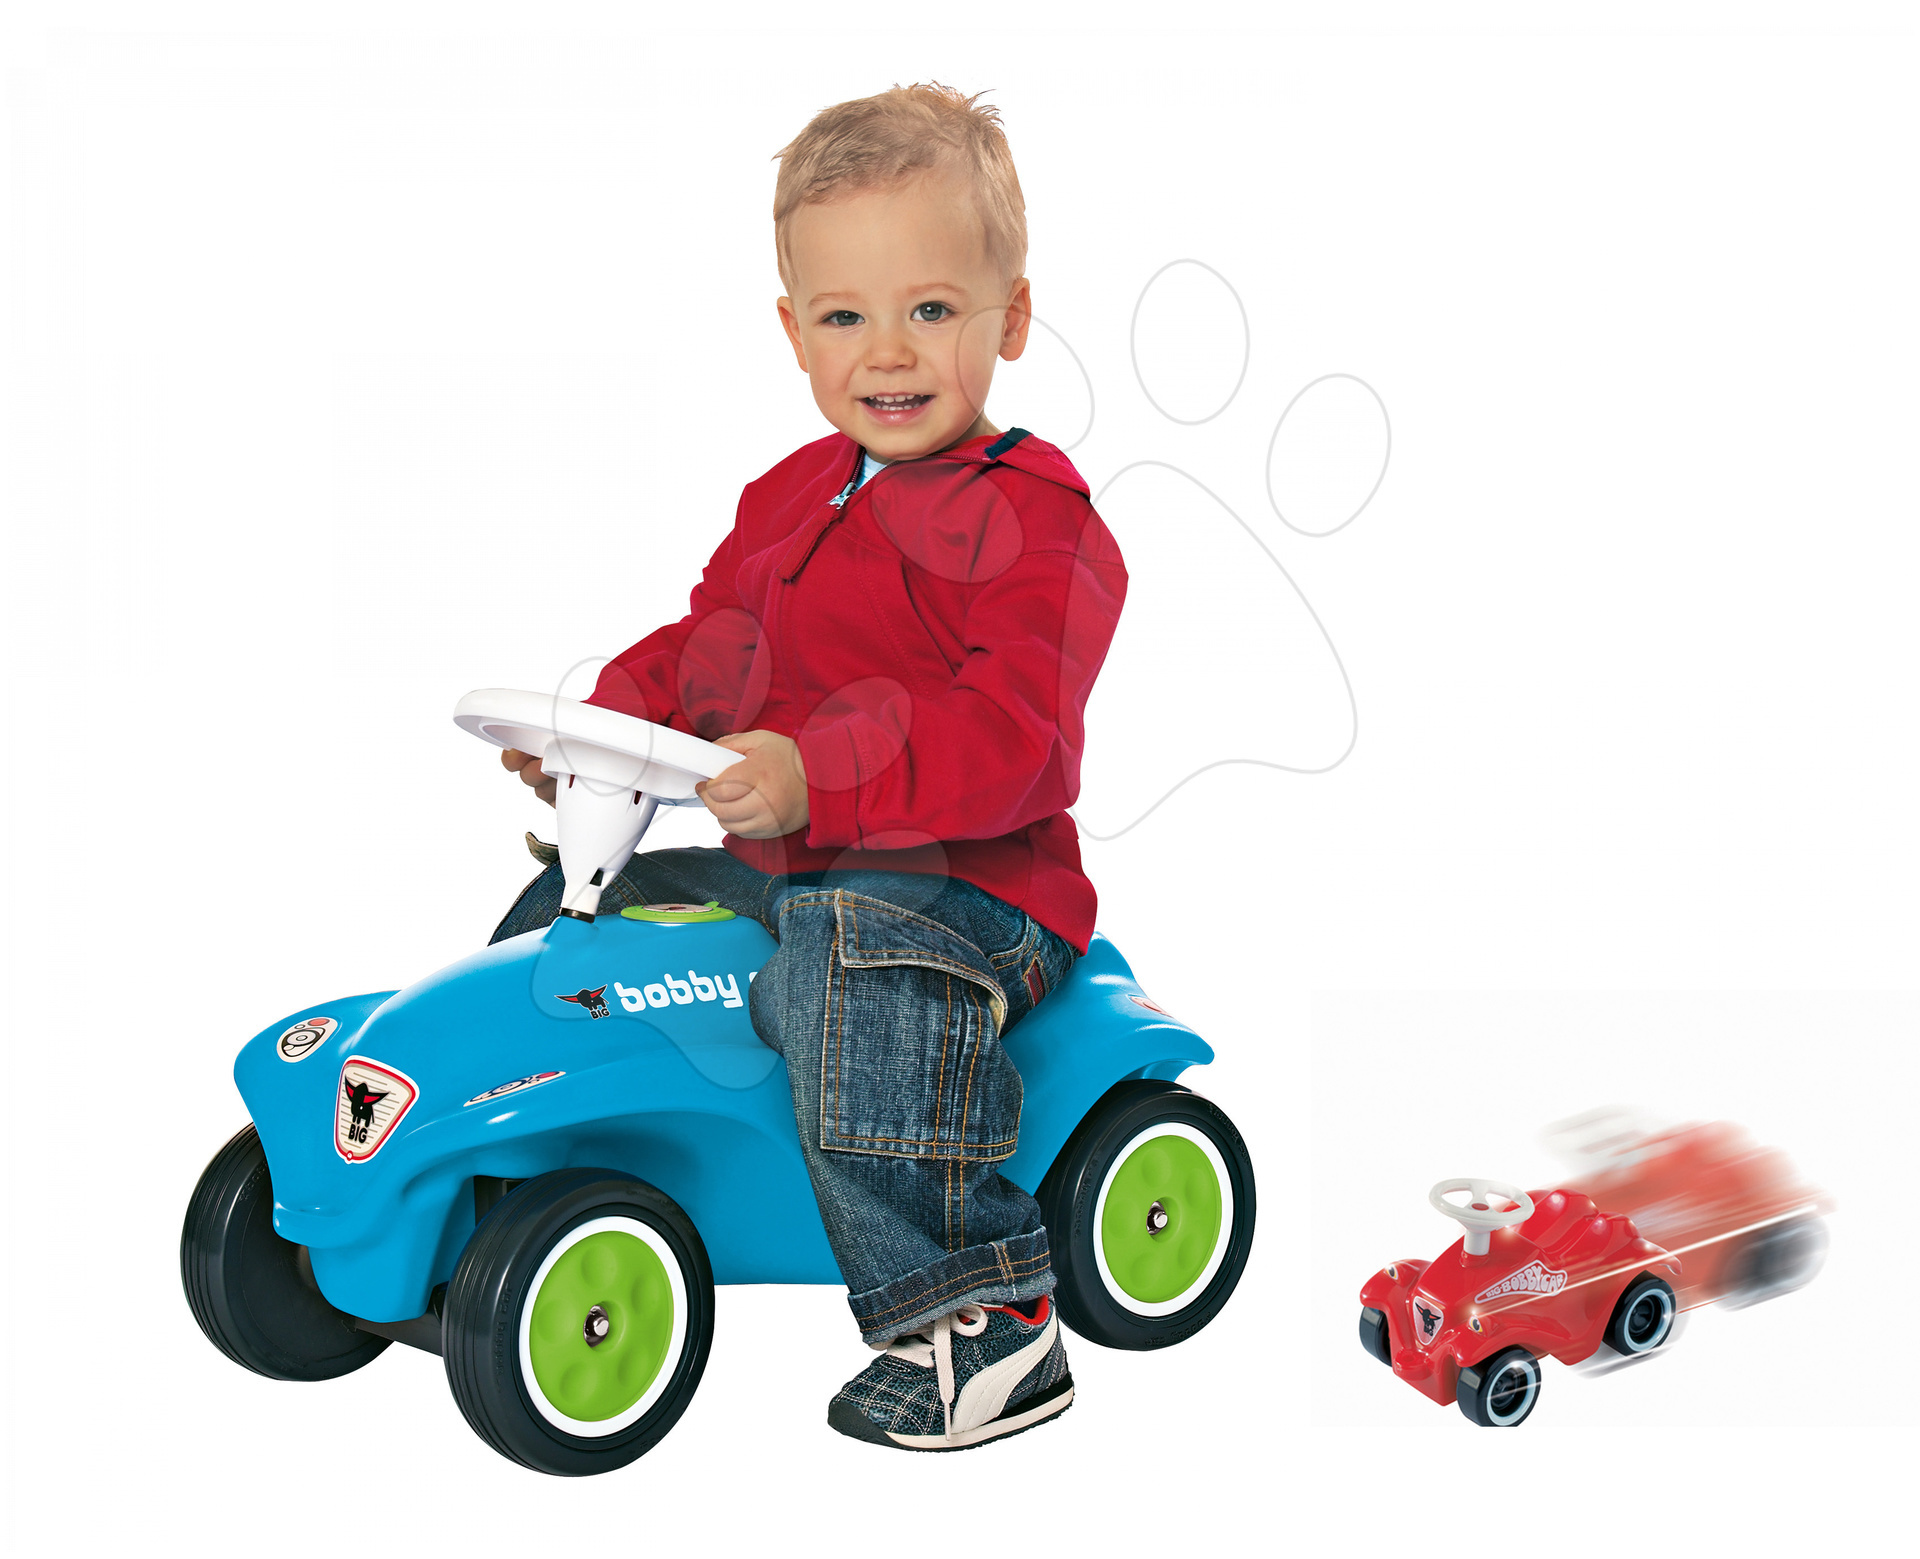 Set odrážedlo New Bobby BIG s klaksonem tyrkysové a autíčko Mini Bobby na natahování od 12 měsíců